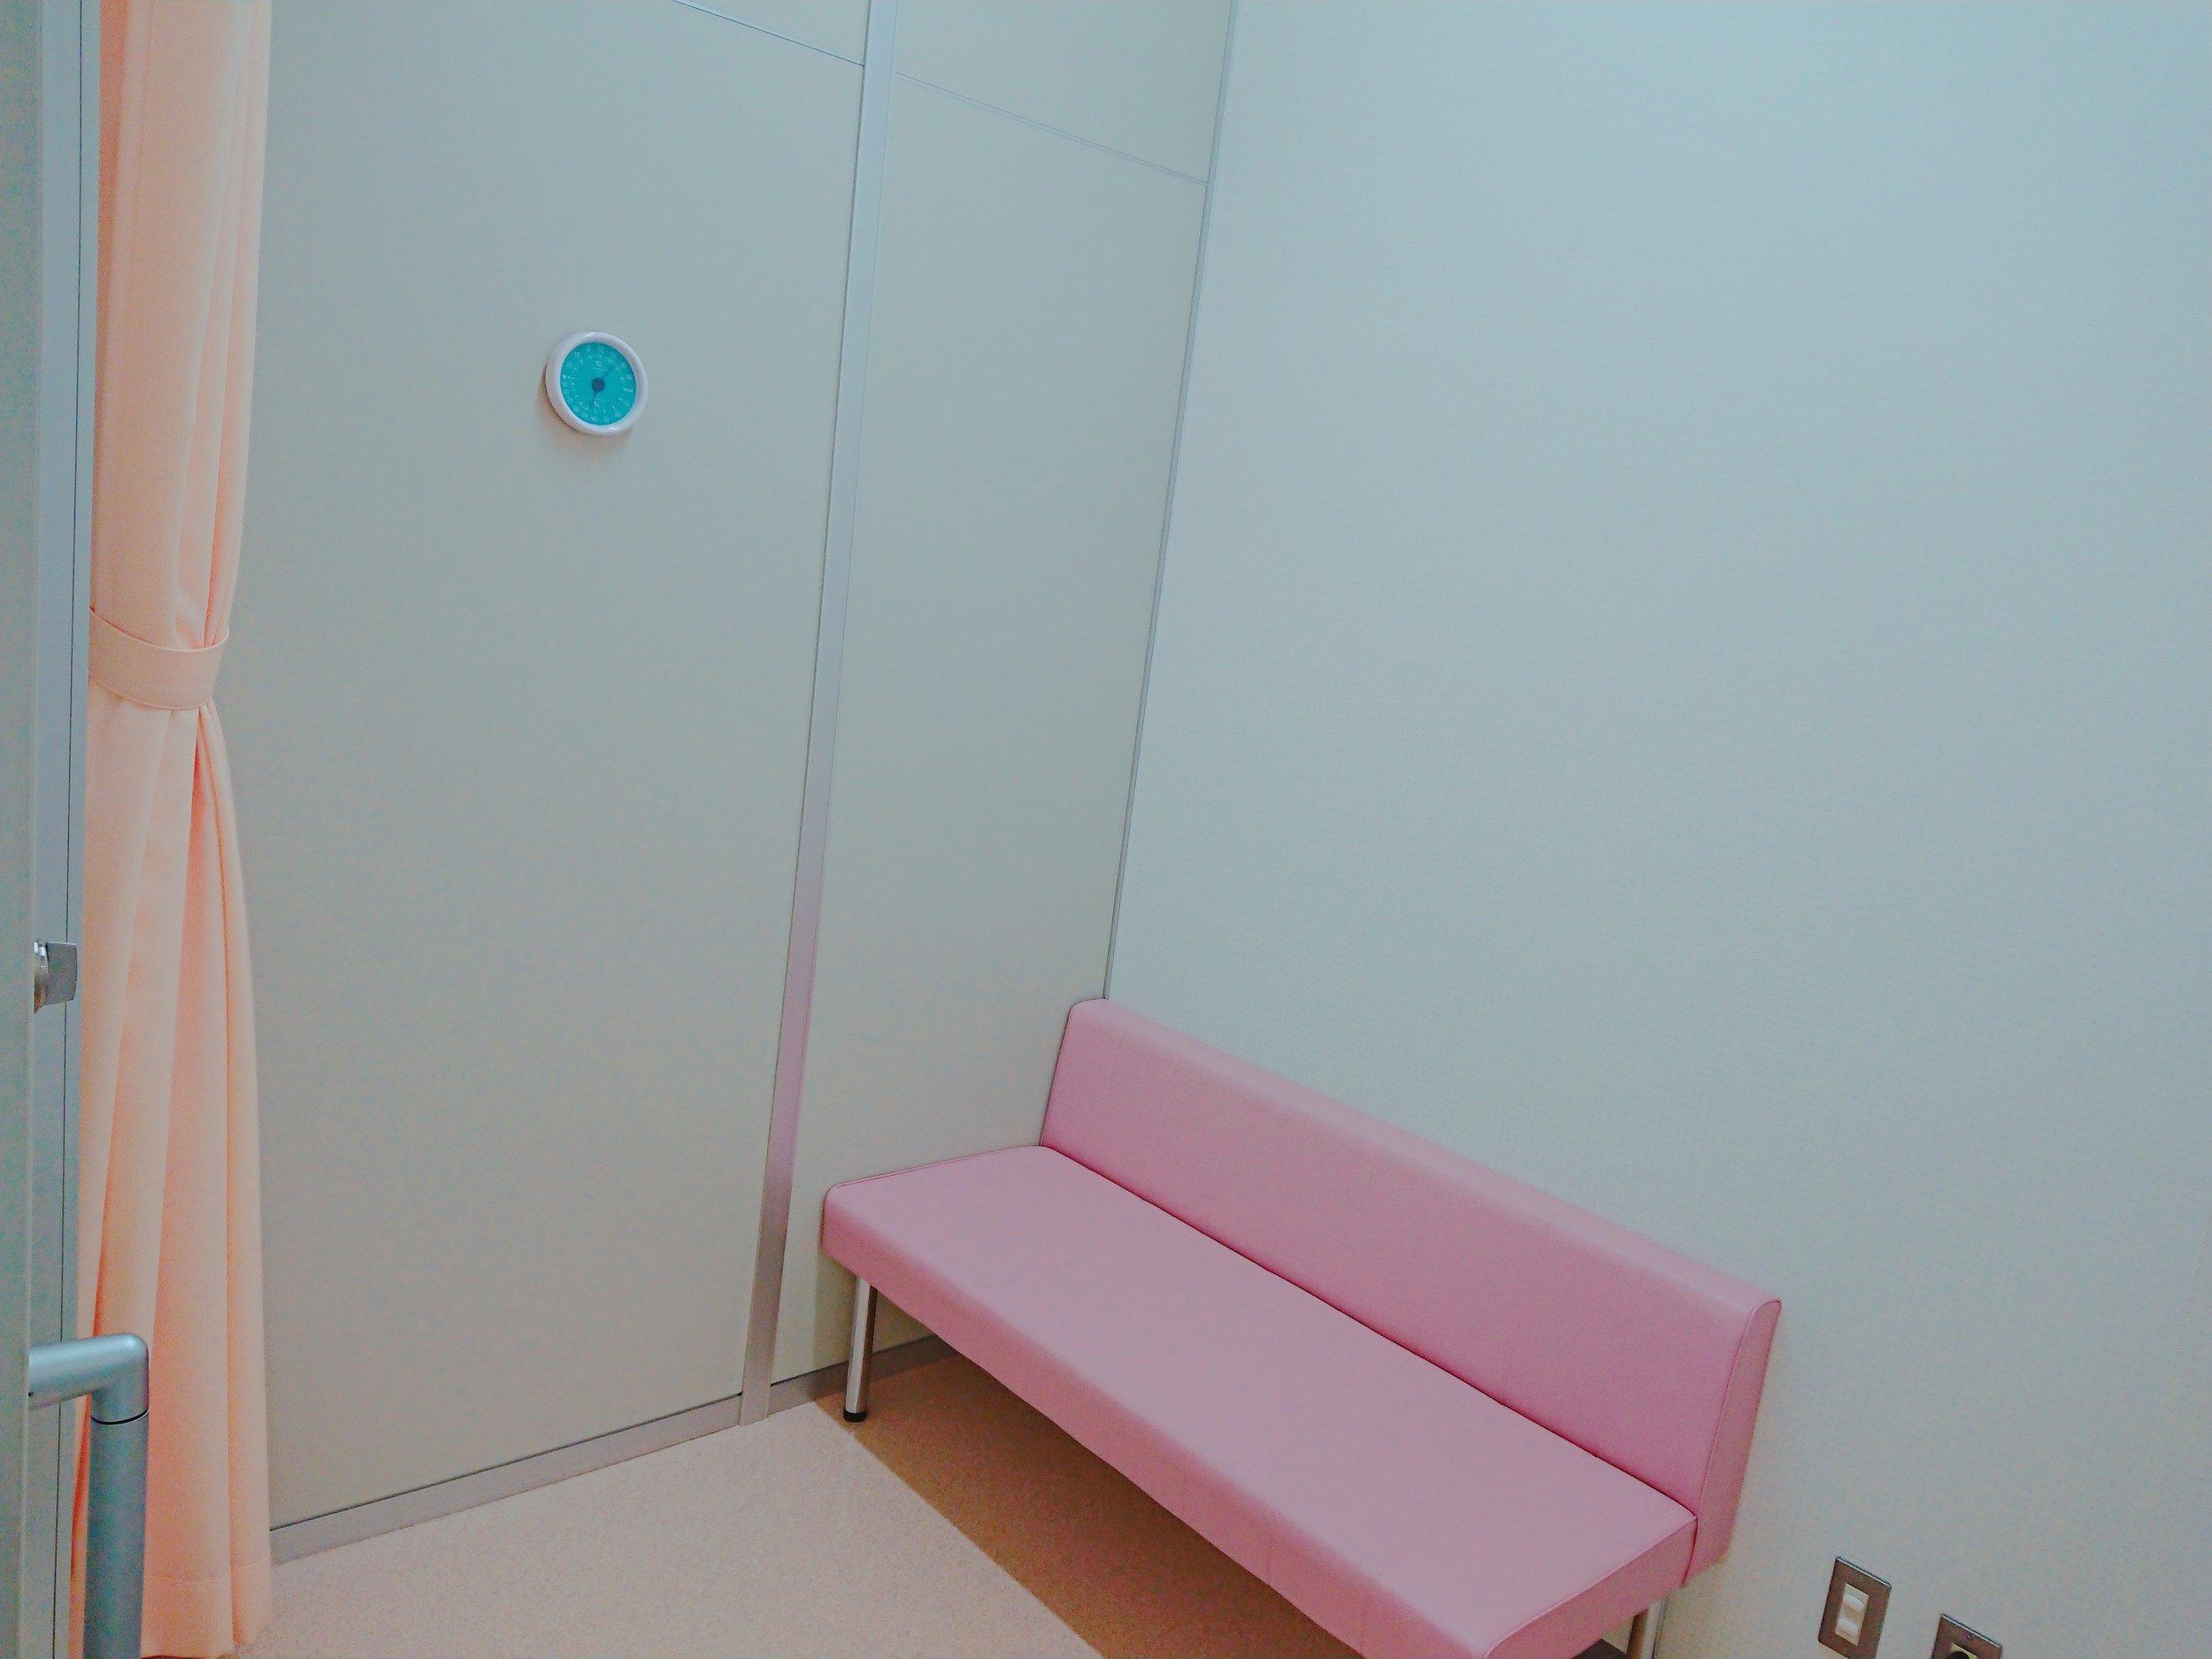 授乳室内はソファと目隠しのカーテン